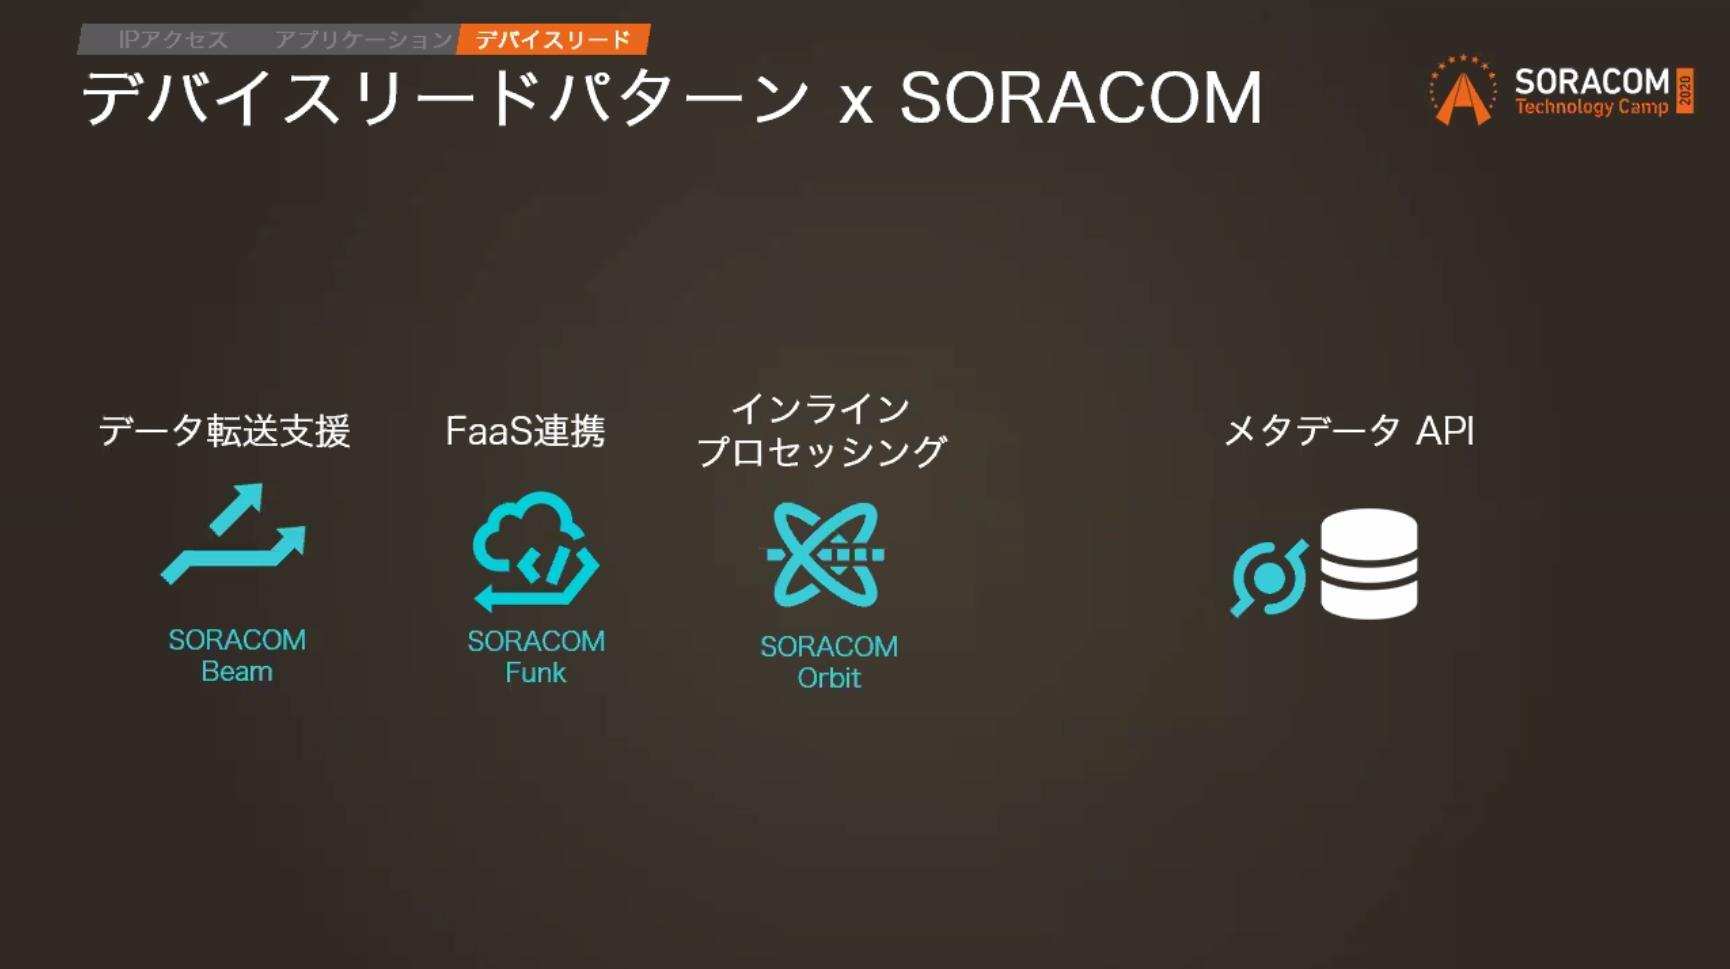 soracom-tech-camp-day2-design-pattern-24